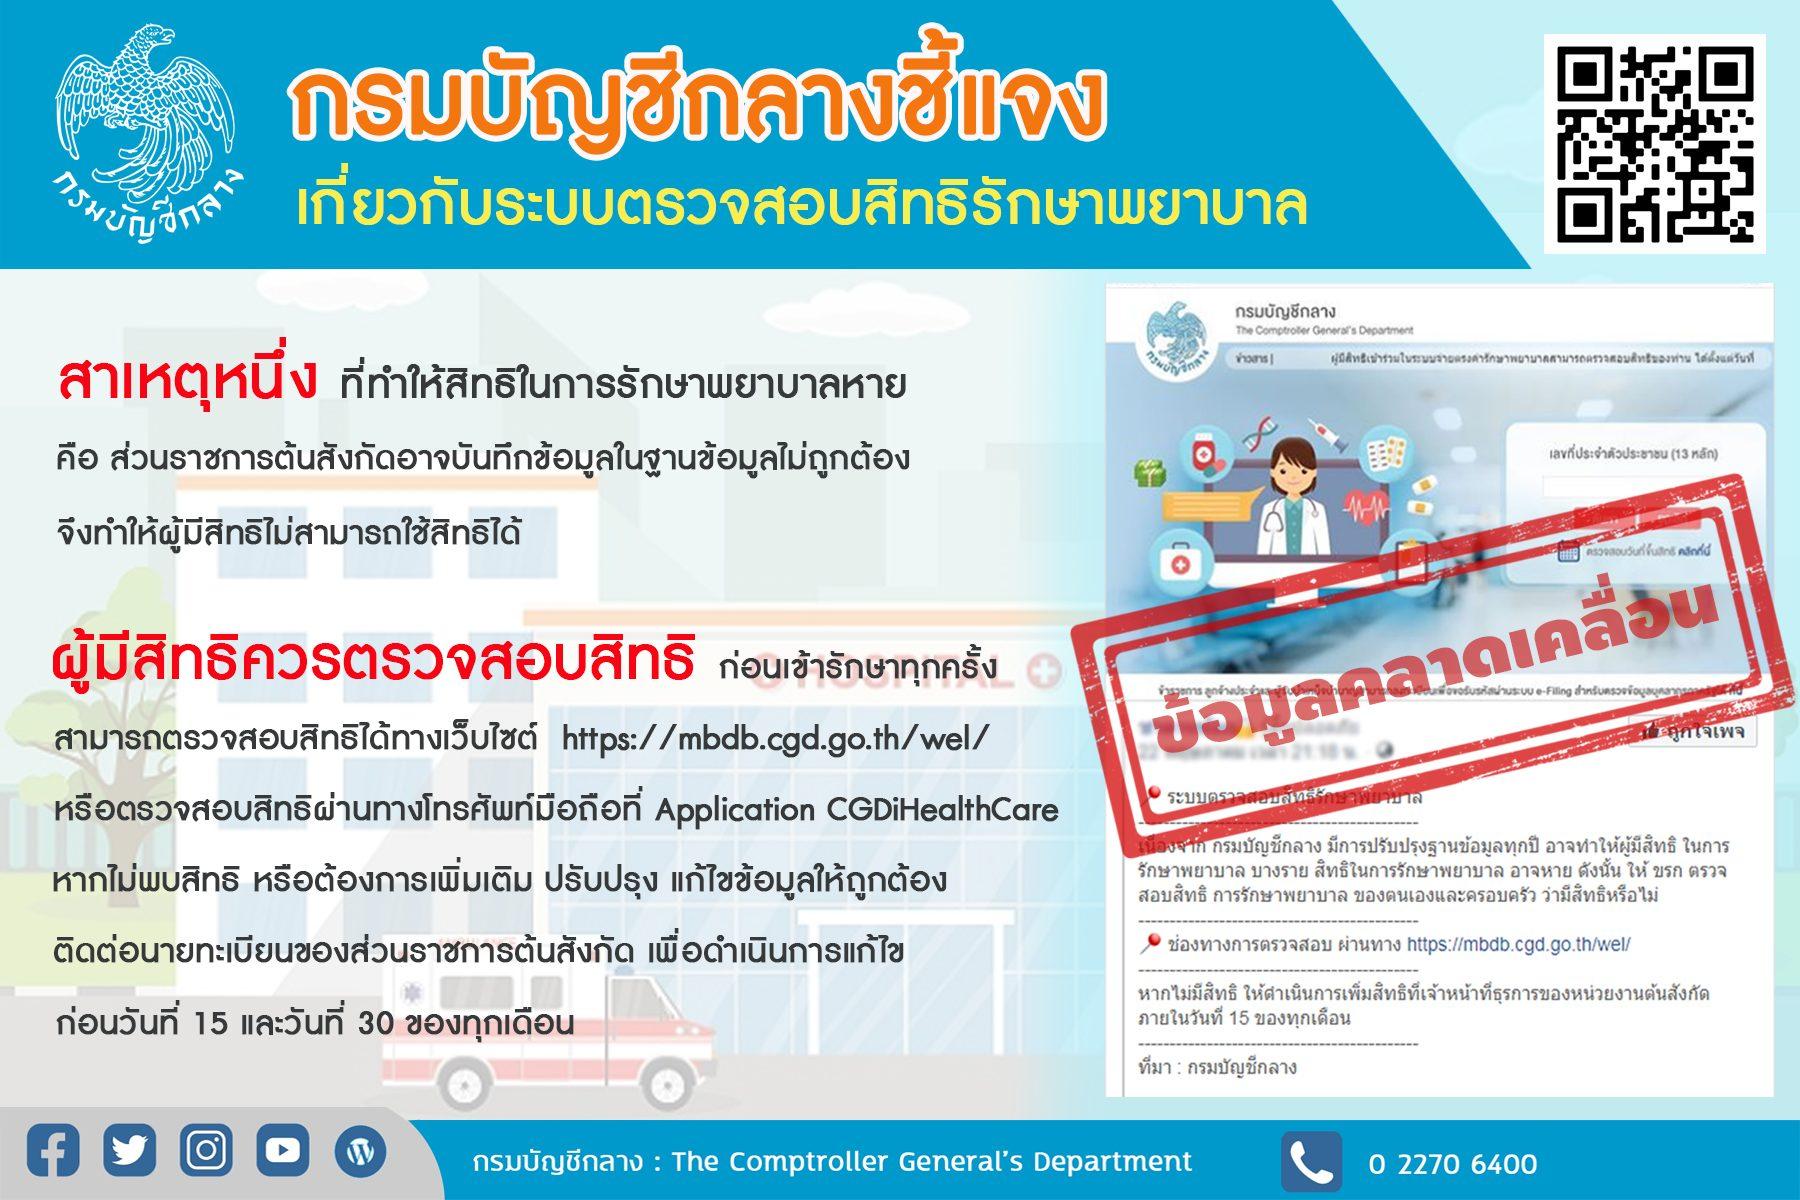 กรมบัญชีกลางแจงระบบตรวจสอบสิทธิรักษาพยาบาลข้าราชการ-ครอบครัว